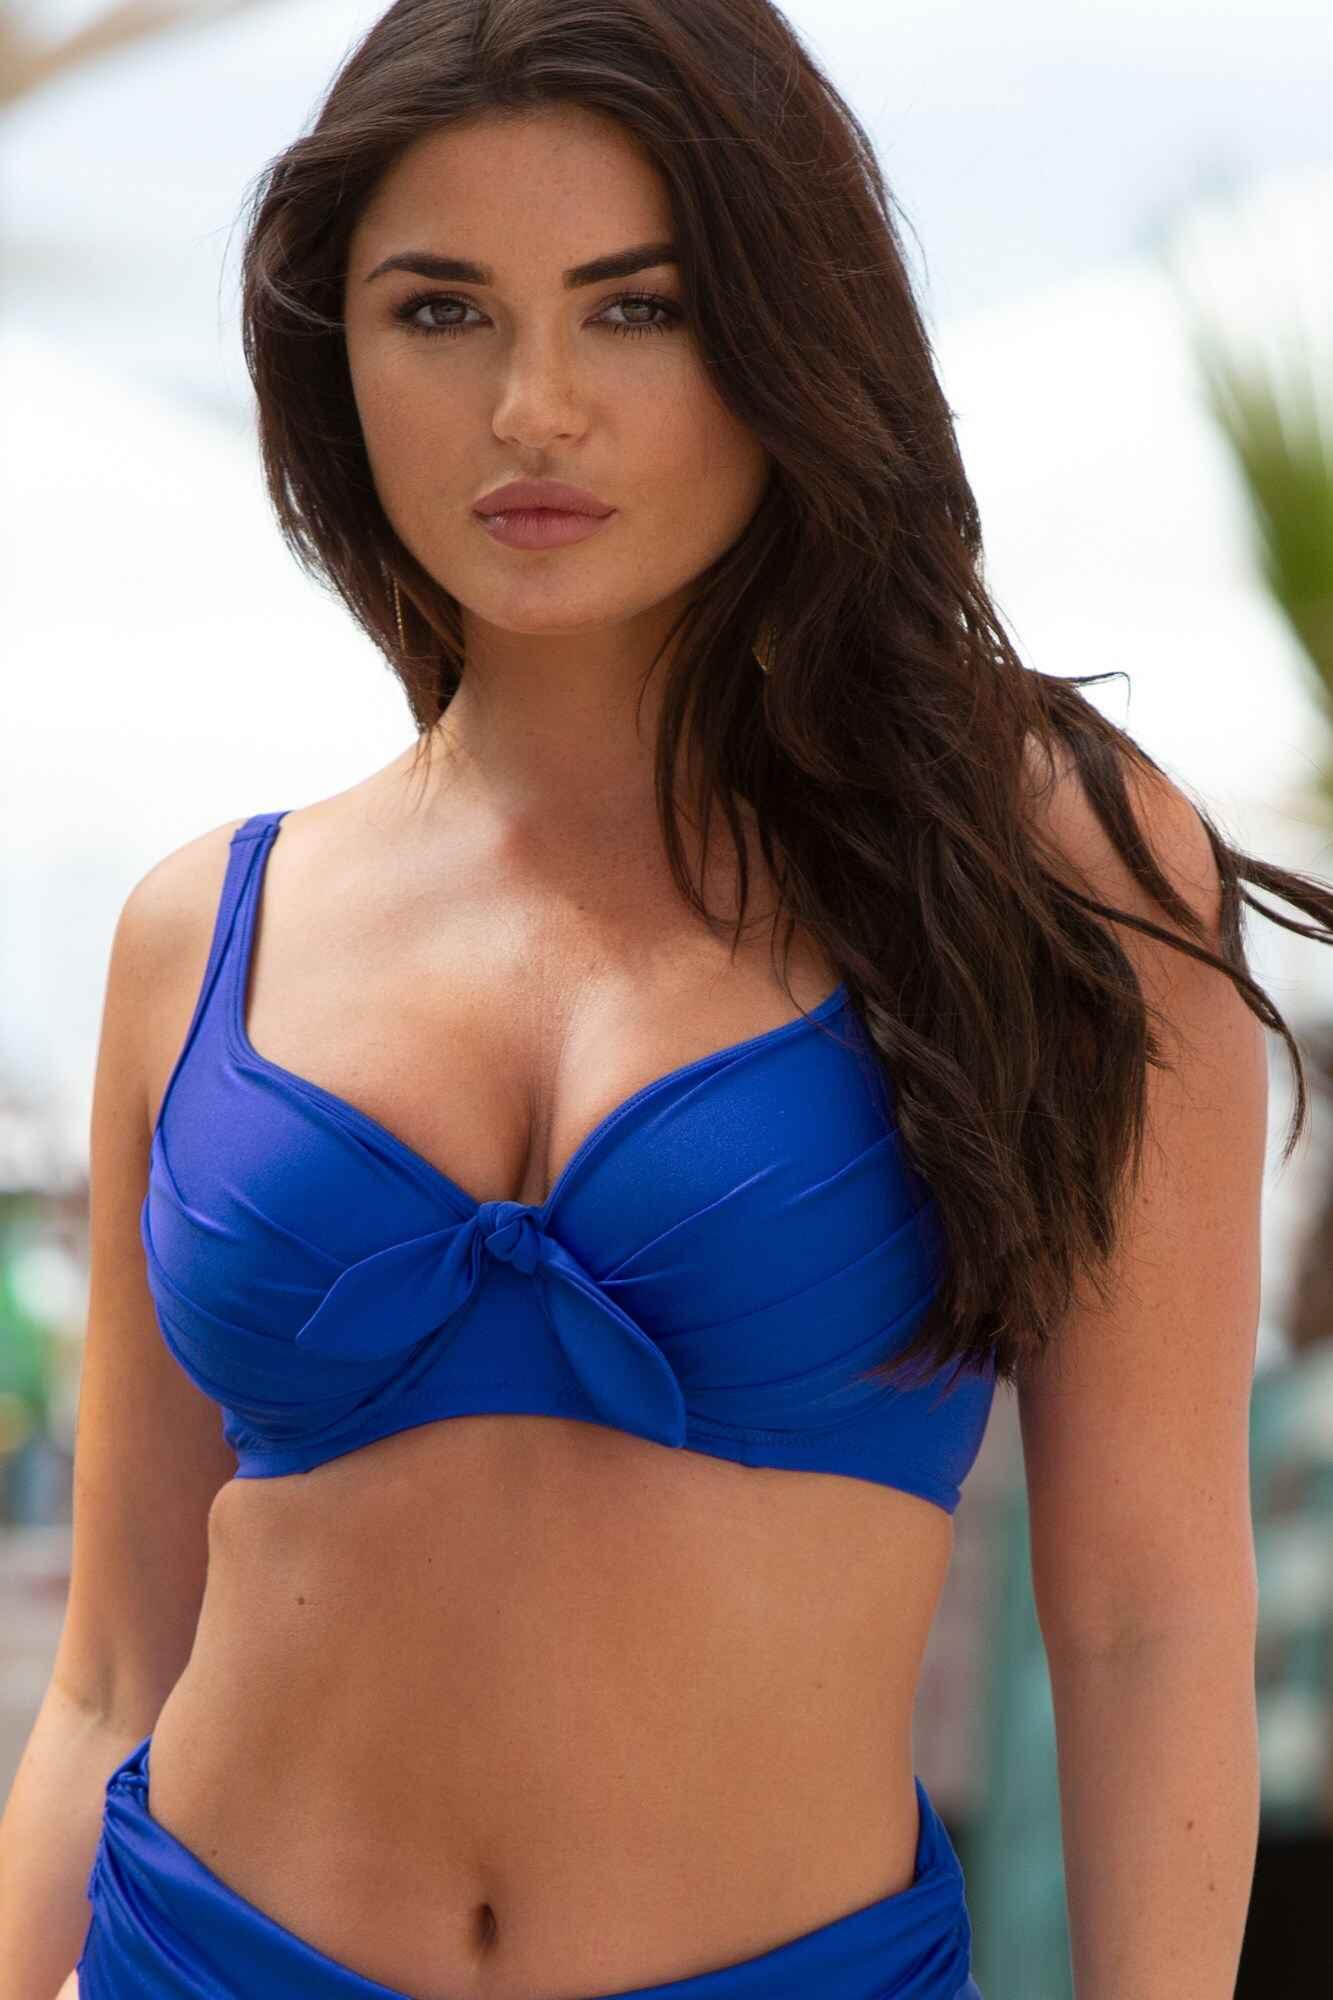 Pour Moi? Damen Azure Underwired Lined Non Padded Top Bikinioberteil Blau Herstellergr/ö/ße: 36G 80H Deep Blue Deep Blue